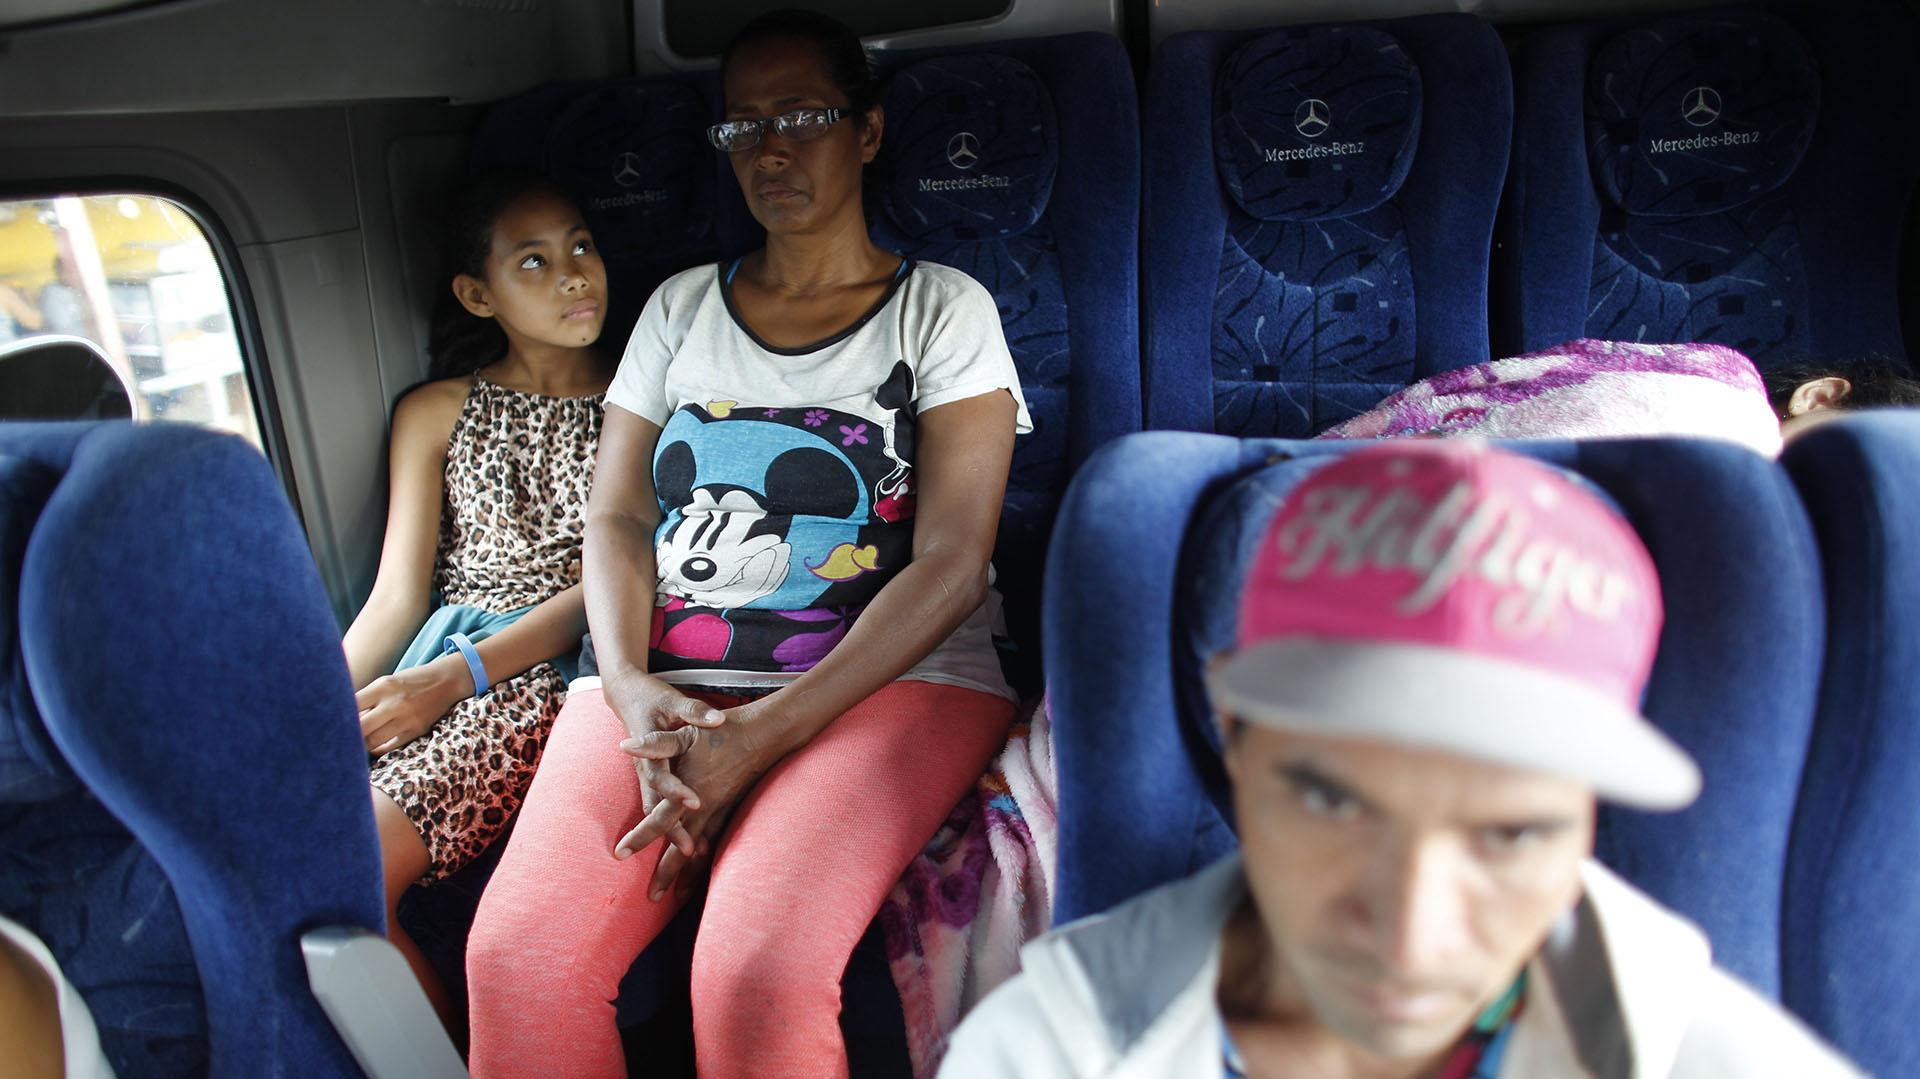 Gracias a donaciones espontáneas, Sandra Cadiz y su hija pudieron hacer parte del trayecto en autobús(AP Photo/Ariana Cubillos)